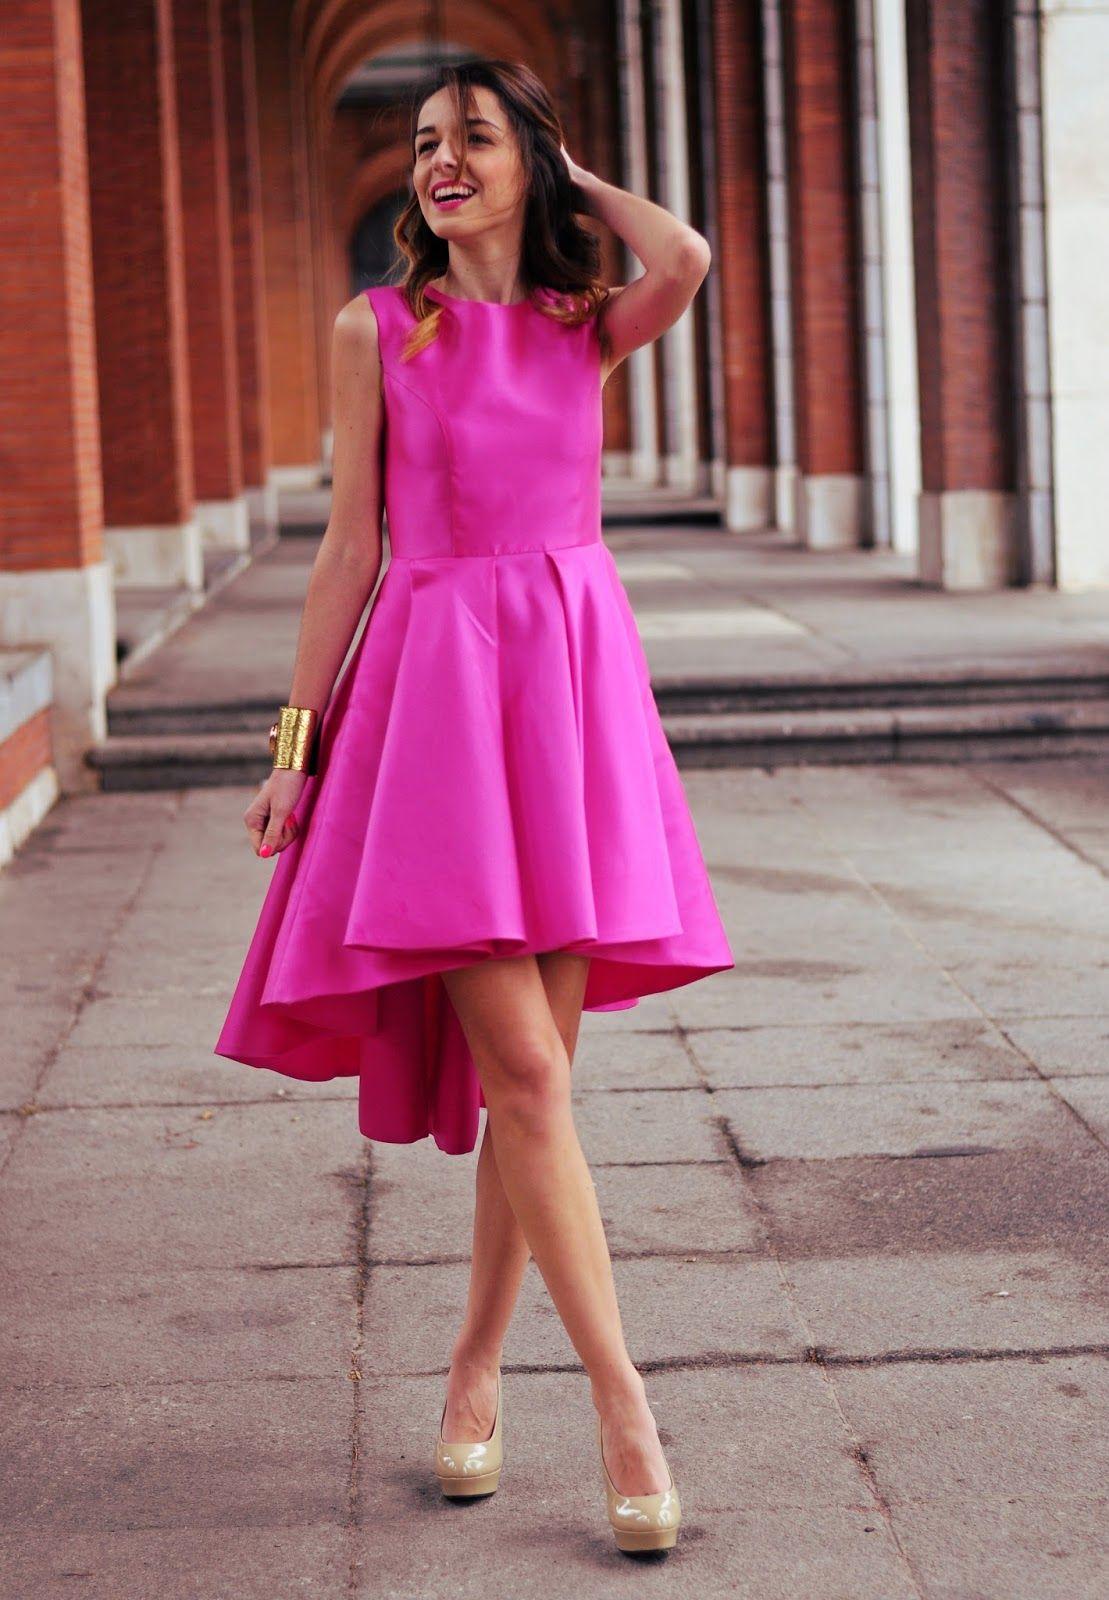 Look Invitada De Boda By Corazon Maniqui | LUX Woman | Pinterest ...